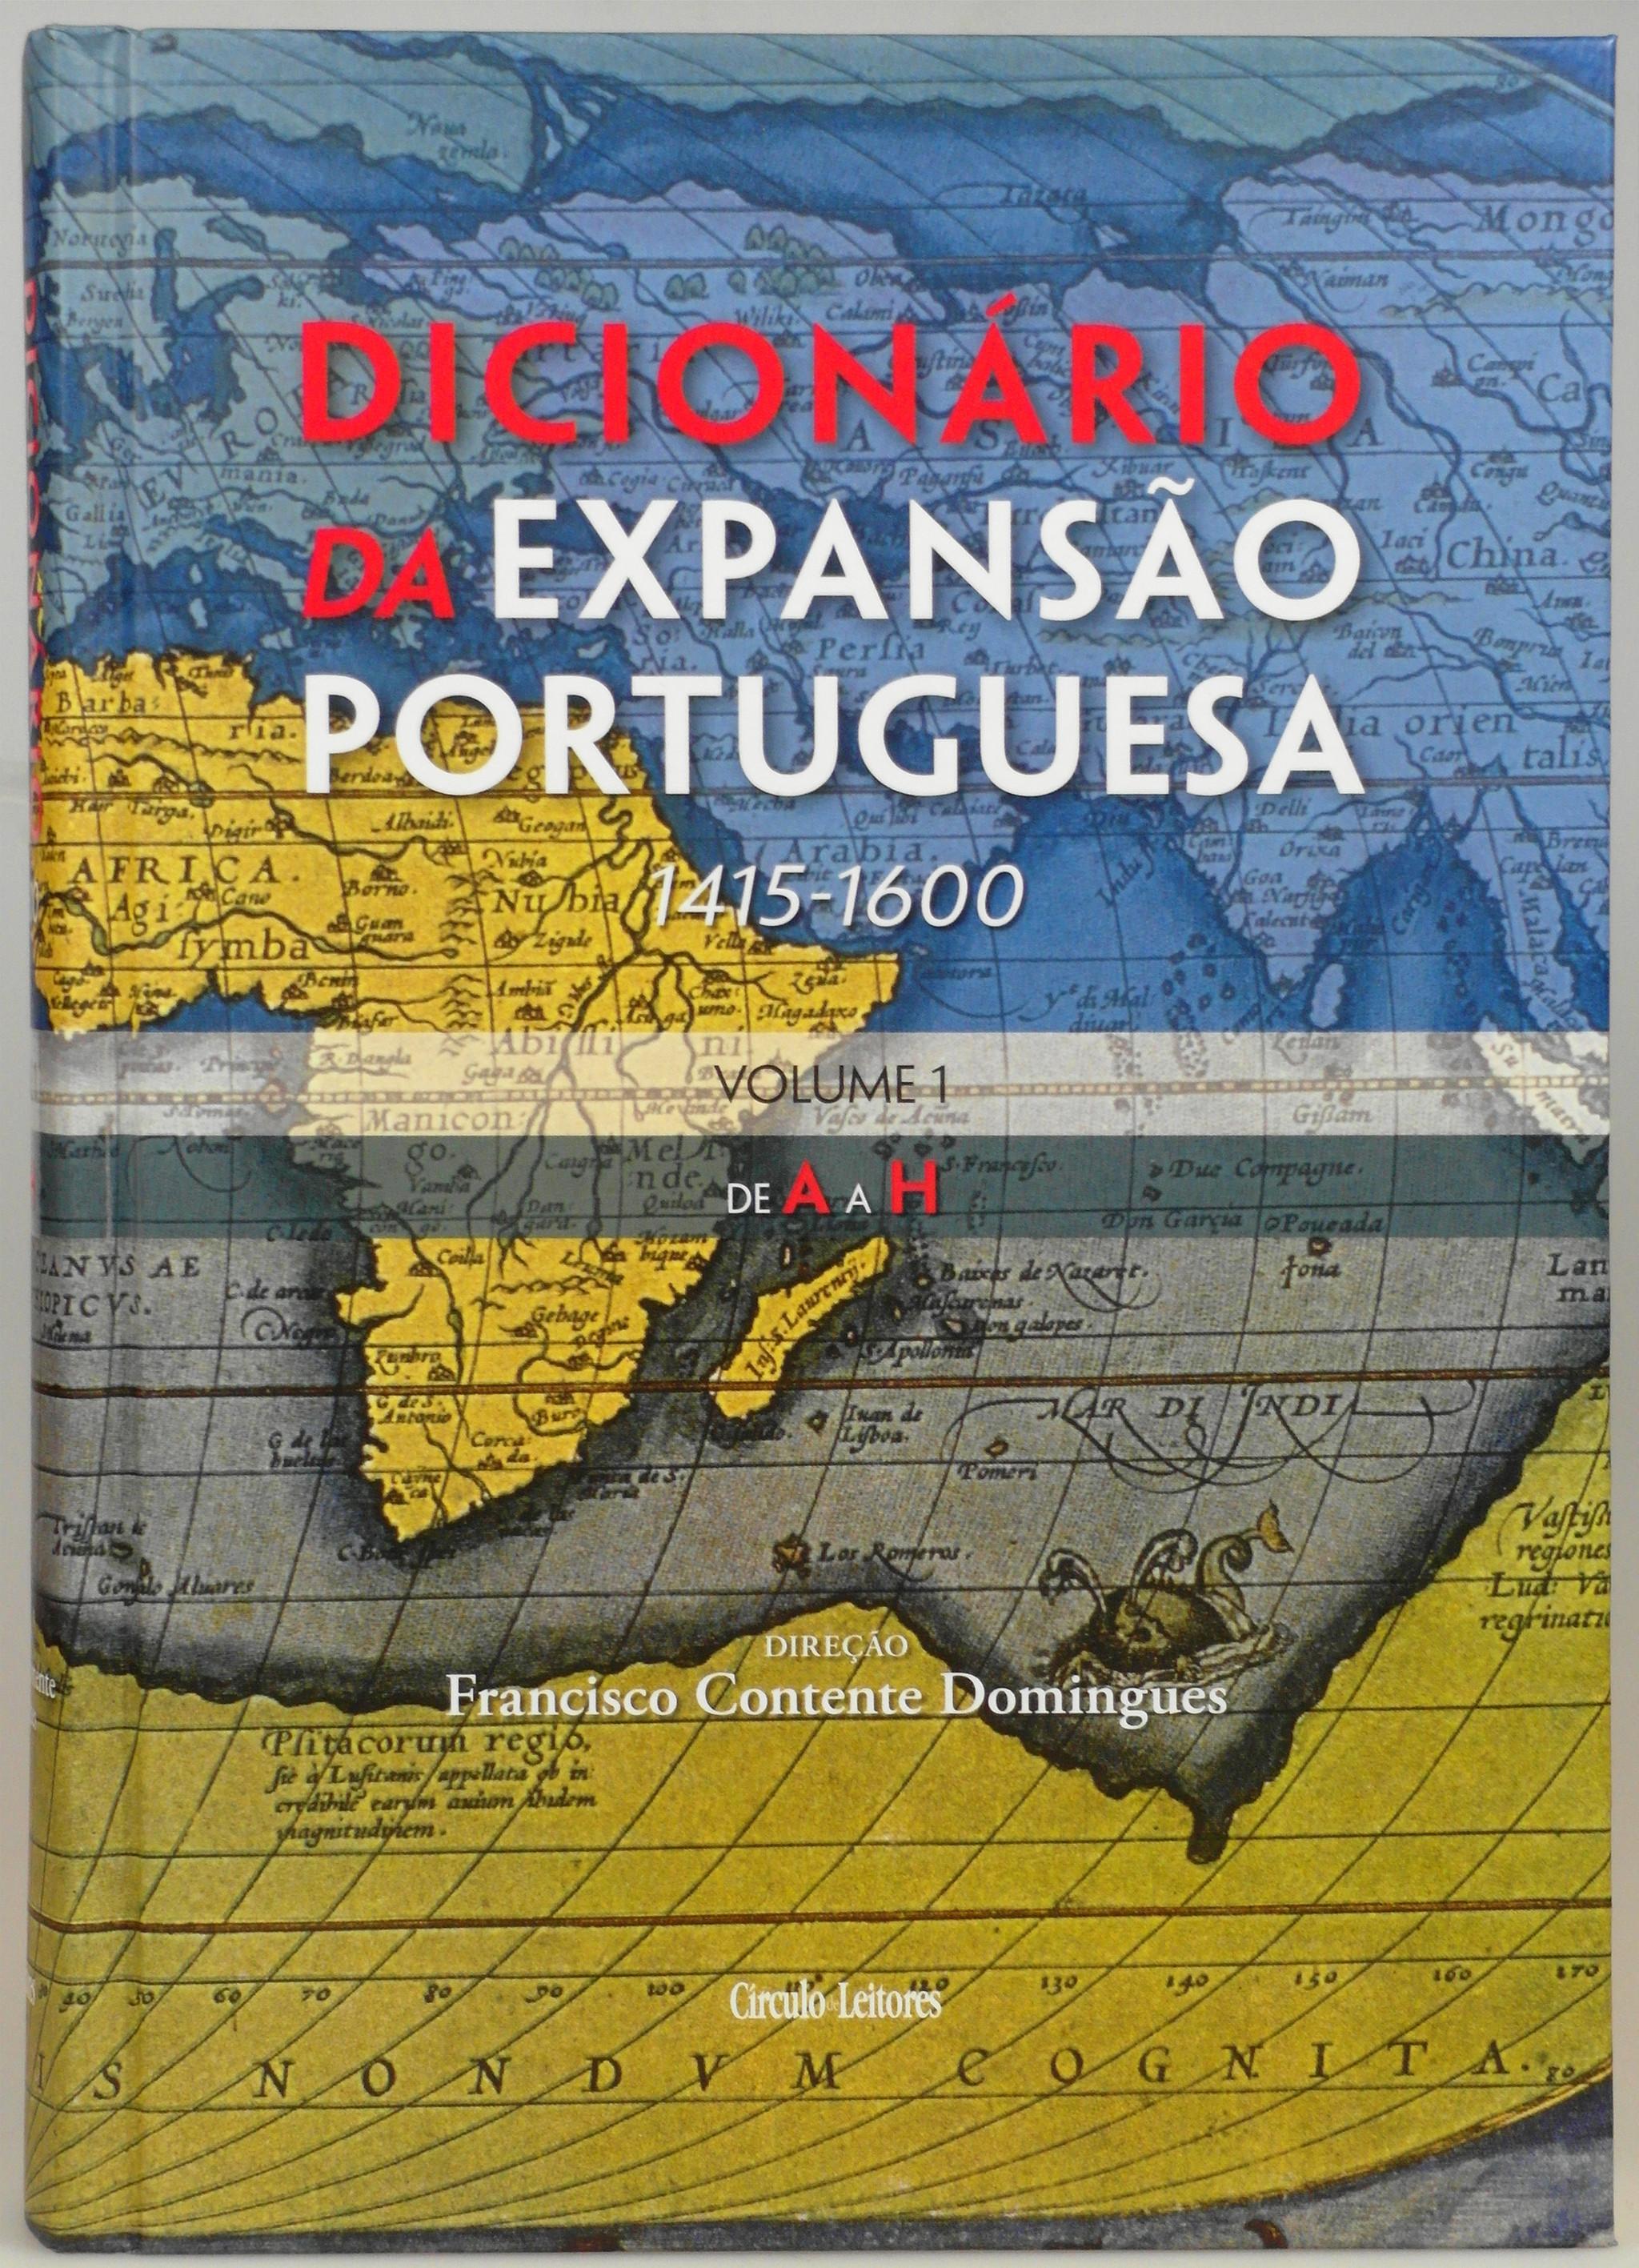 Dic Expansao Portugueda.JPG